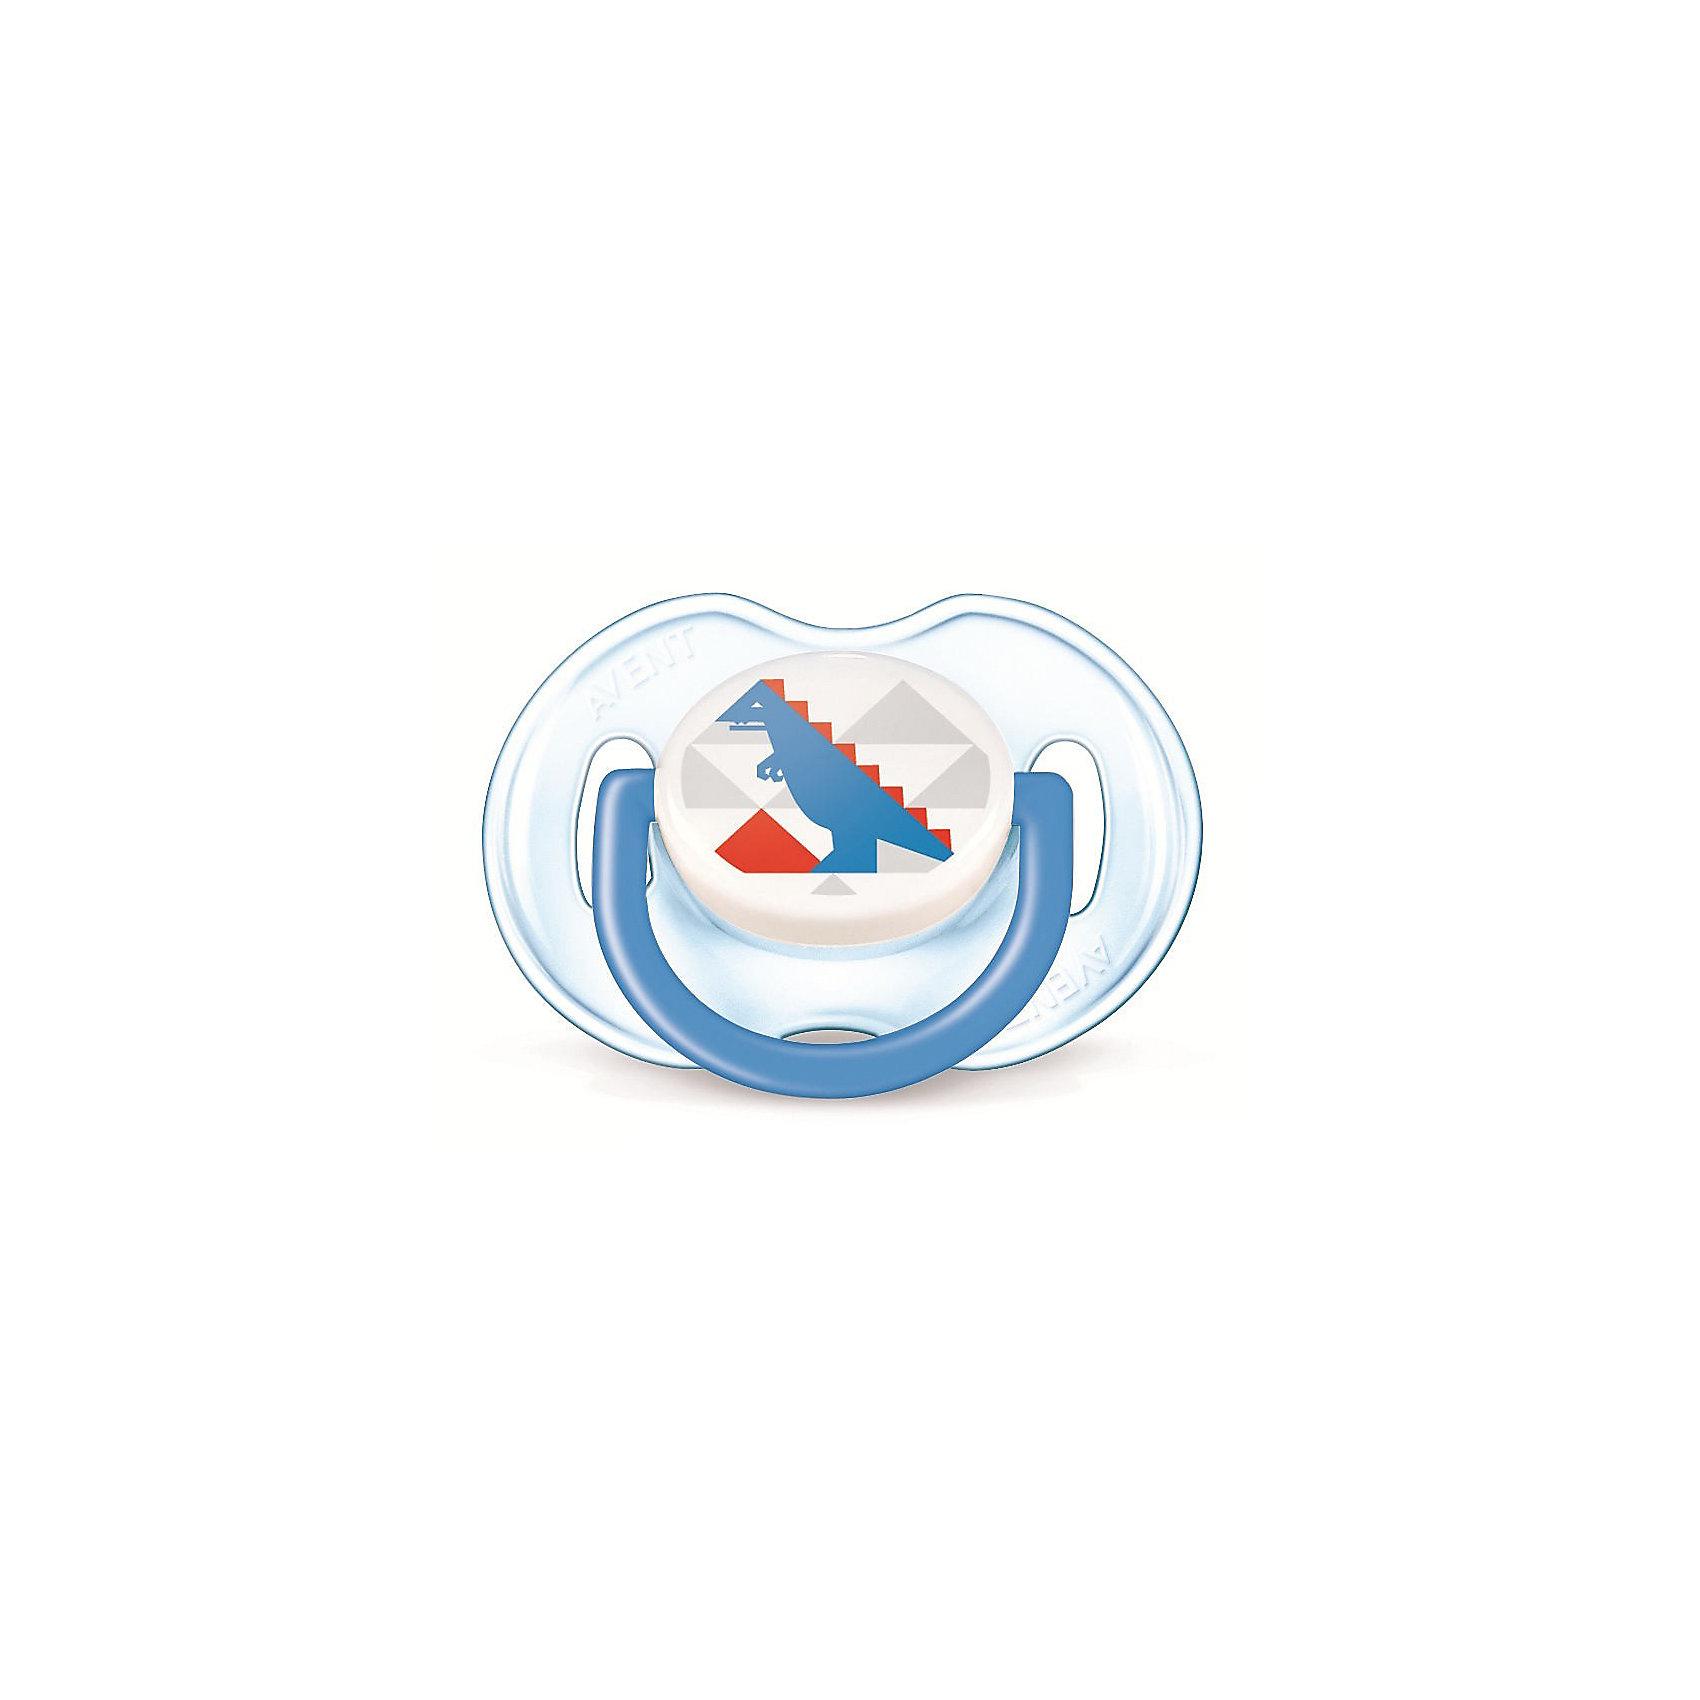 Пустышка Дизайн для мальчика , 0-6 месяцев, 1 шт., AVENTПустышки из силикона<br>Плоские симметричные соски пустышек Philips AVENT (Авент) каплевидной формы учитывают строение и естественное развитие неба, зубов и десен малыша и гарантируют комфорт, даже если пустышка переворачивается во рту.<br><br>Силиконовые соски пустышек Philips AVENT (Авент) не обладают вкусом и запахом, что делает их наиболее приемлемыми для малыша. Силикон — это мягкий и прозрачный материал, который не липнет и легко моется. Такая соска прочна и прослужит долго, не потеряв со временем форму и цвет.<br><br>Дополнительная информация:<br><br>Ортодонтическая, симметричная съемная соска<br>Можно стерилизовать<br>Можно мыть в посудомоечной машине<br>Предохранительное кольцо-держатель (Позволяет с легкостью вынуть пустышку Philips AVENT (Авент) в любой момент.)<br>Без запаха и вкуса<br>Без бисфенола-А<br><br>В комплекте:<br><br>Силиконовая соска: 1 шт.<br>Защелкивающийся защитный колпачок: 1 шт.<br><br>Ширина мм: 48<br>Глубина мм: 103<br>Высота мм: 115<br>Вес г: 728<br>Возраст от месяцев: 0<br>Возраст до месяцев: 6<br>Пол: Мужской<br>Возраст: Детский<br>SKU: 3288984